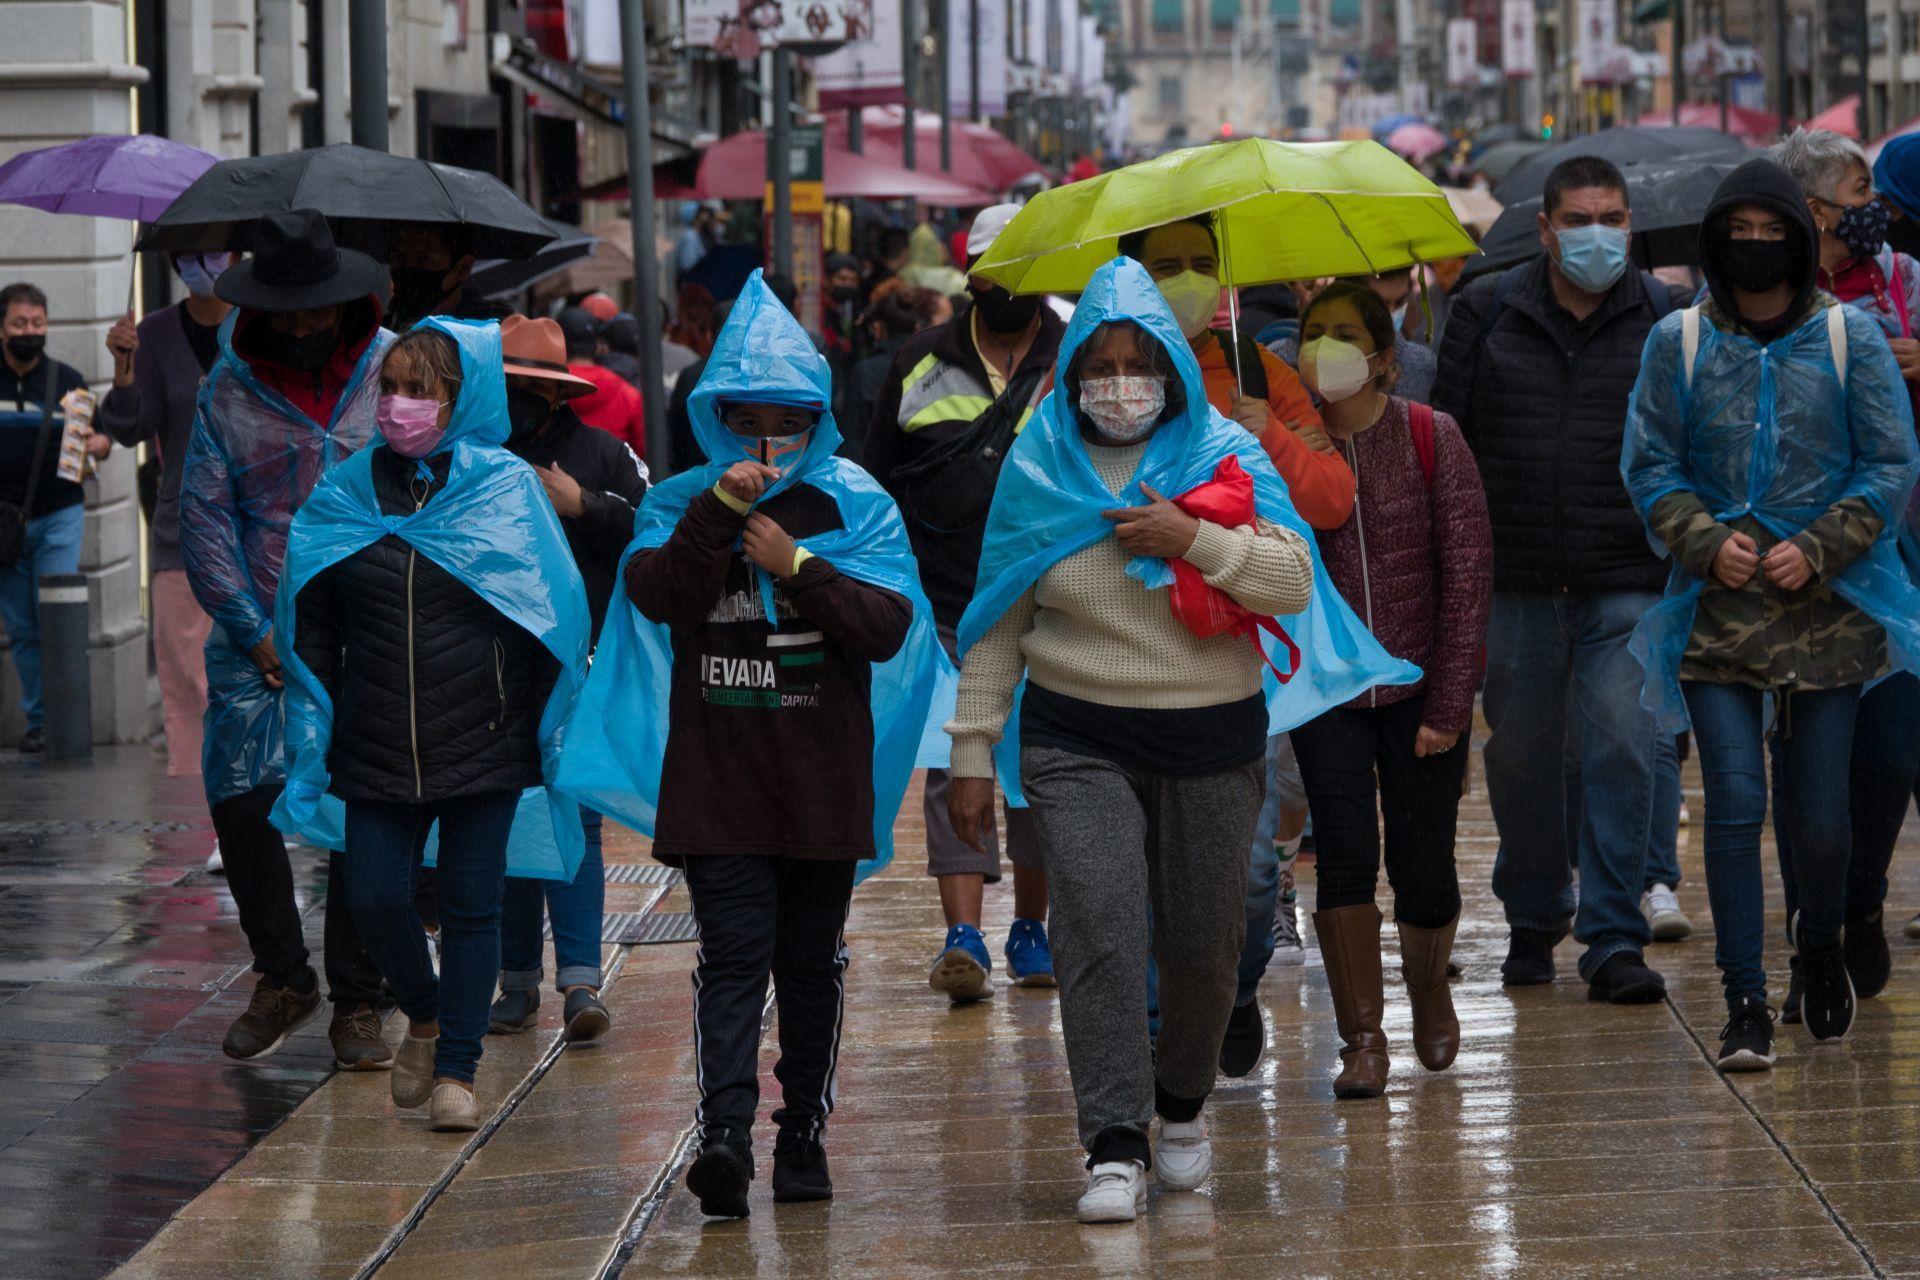 Saquen abrigos y paraguas: Conagua prevé lluvias y granizo en la CDMX, Edomex y otros estados